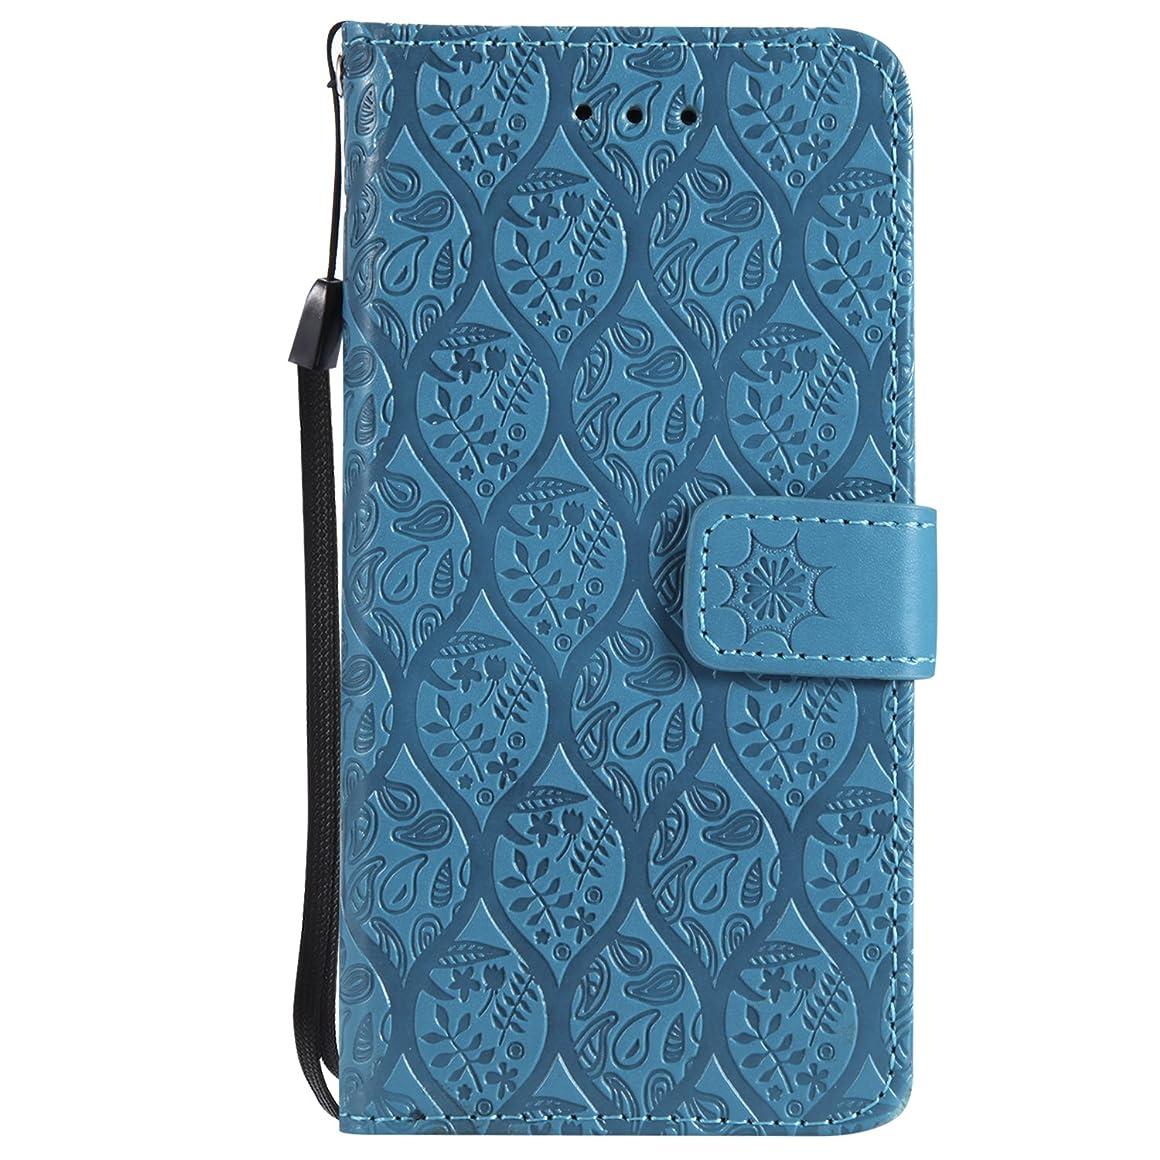 スペシャリスト休日にジャーナルLomogo Sony Xperia XZ2コンパクト / XZ2 Compact ケース 手帳型 耐衝撃 レザーケース 財布型 カードポケット スタンド機能 マグネット式 エクスぺリアXZ2 Compact 手帳型ケース カバー 人気 - LOYYO24341 青